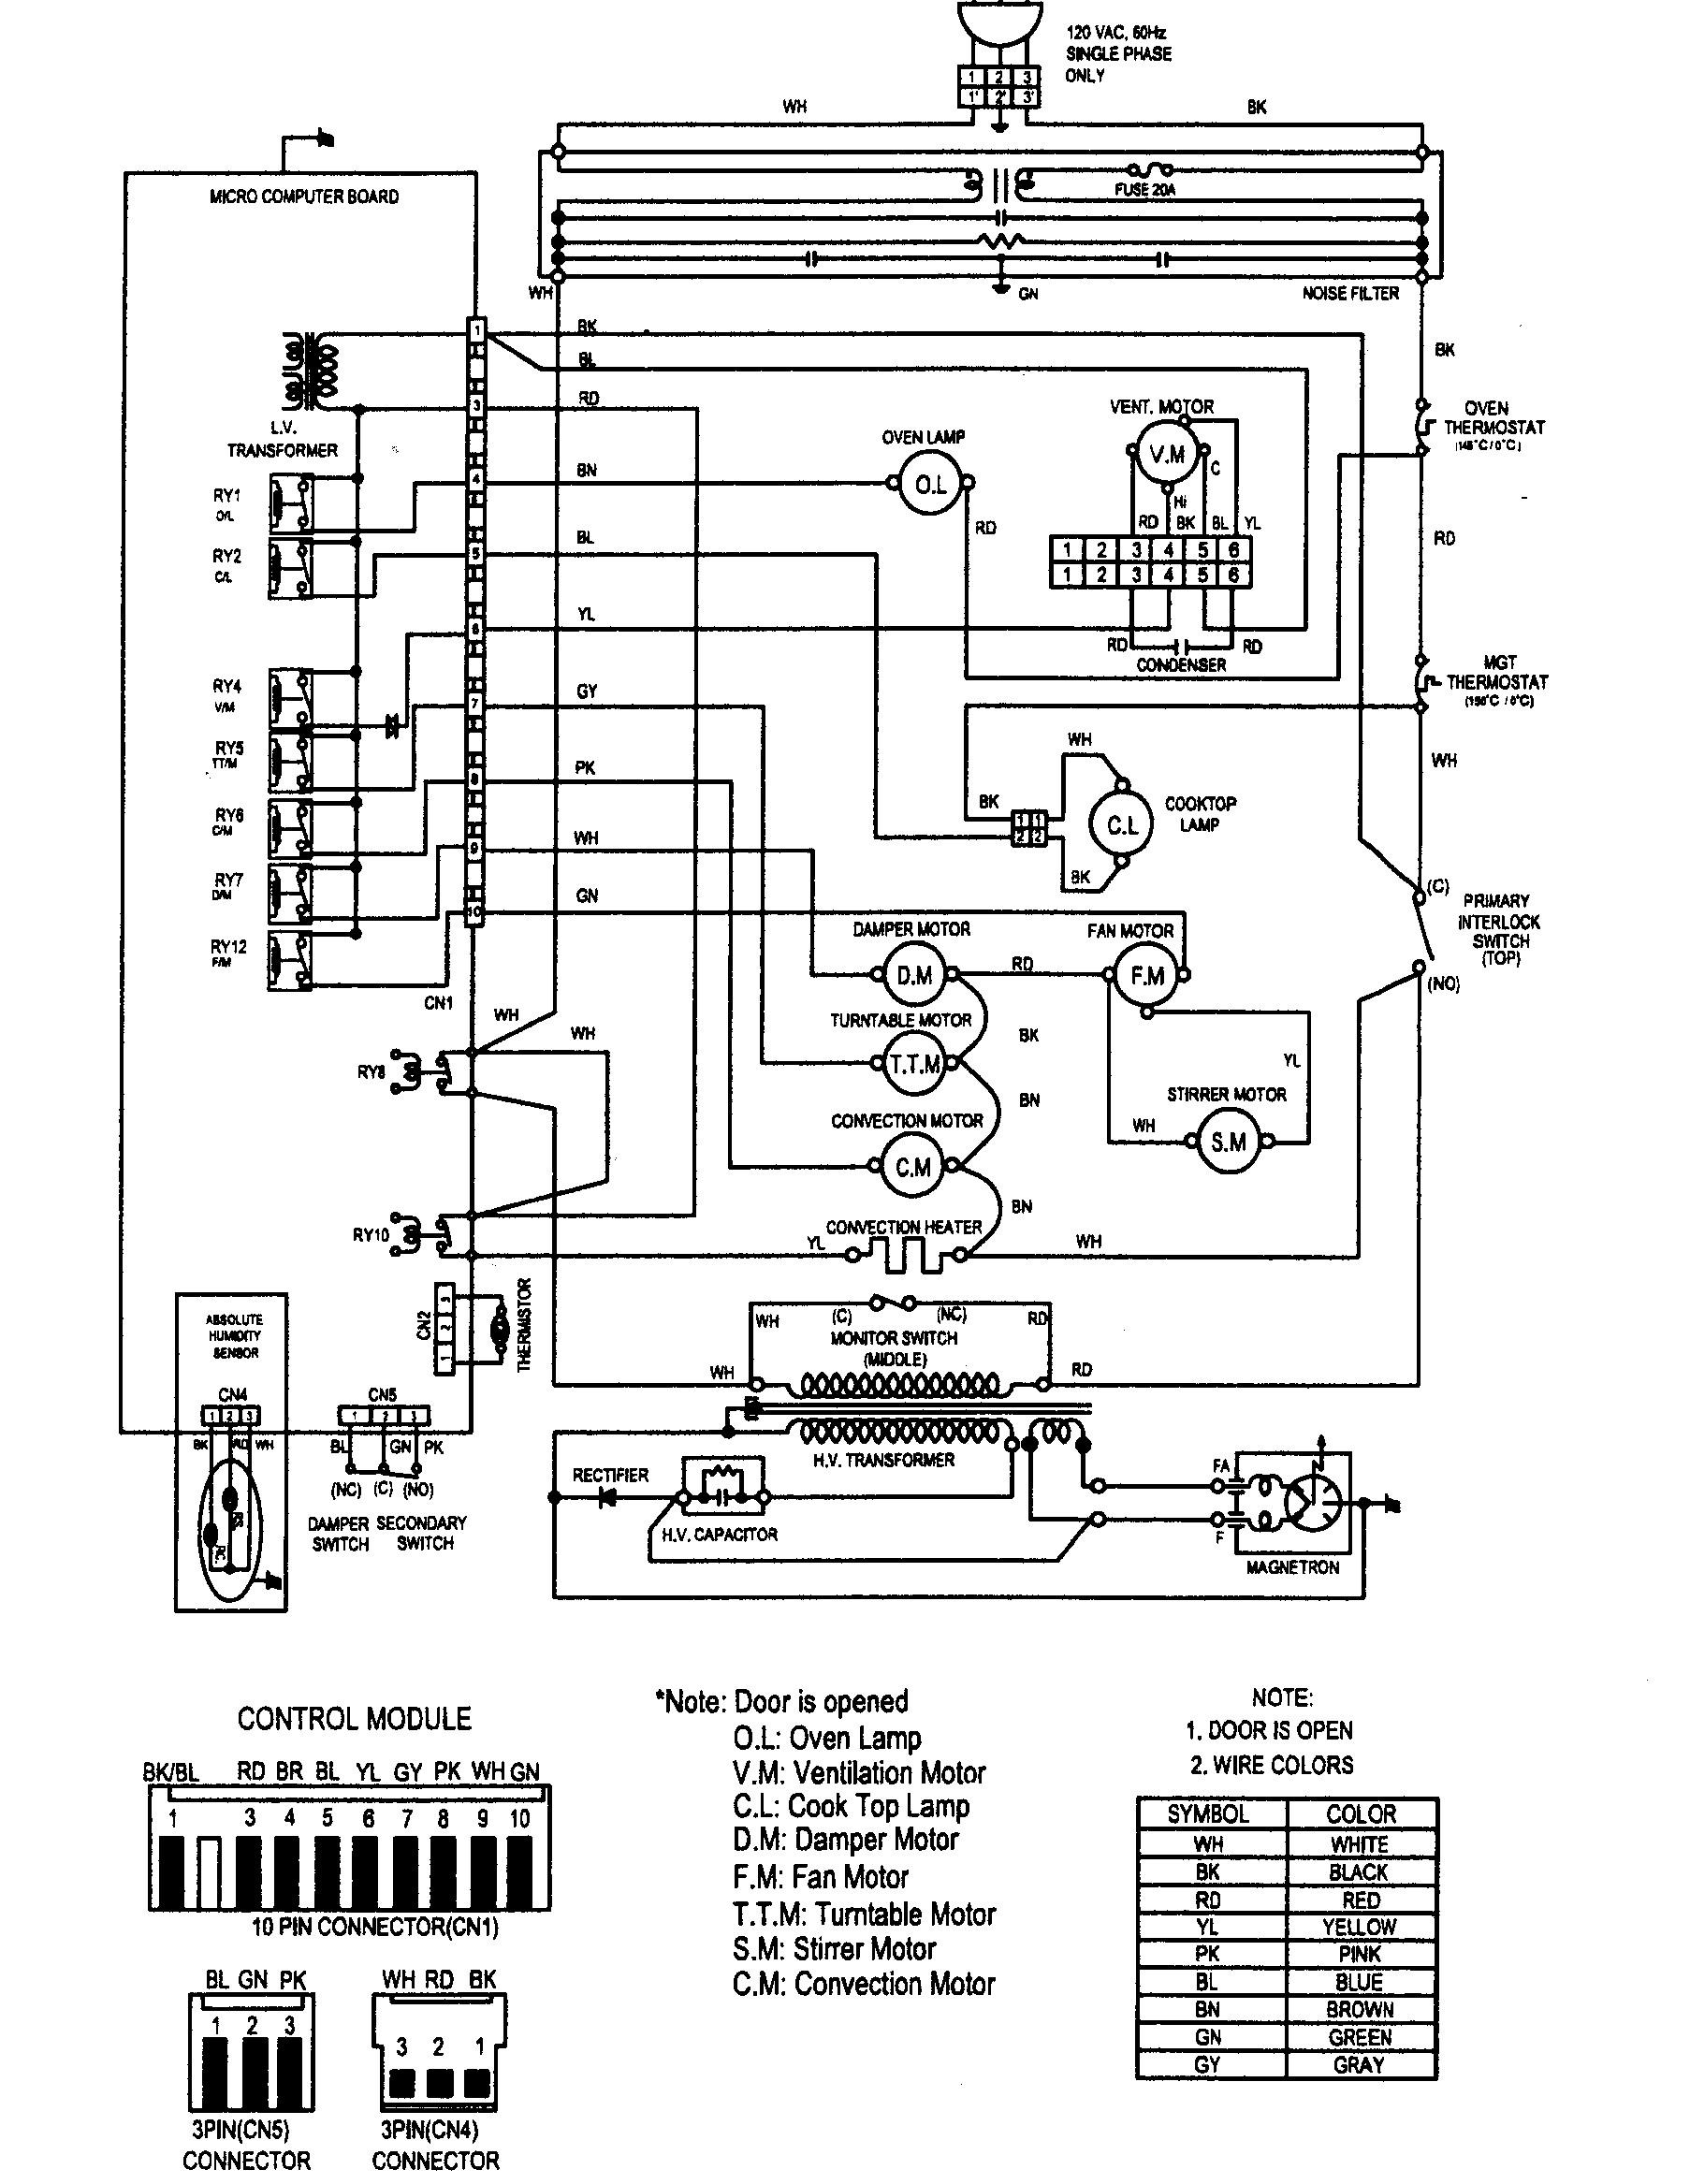 Ge Dishwasher Wiring Diagram Kenmore Wiring Diagram Roc Grp Of Ge  Dishwasher Wiring Diagram Wolf Range